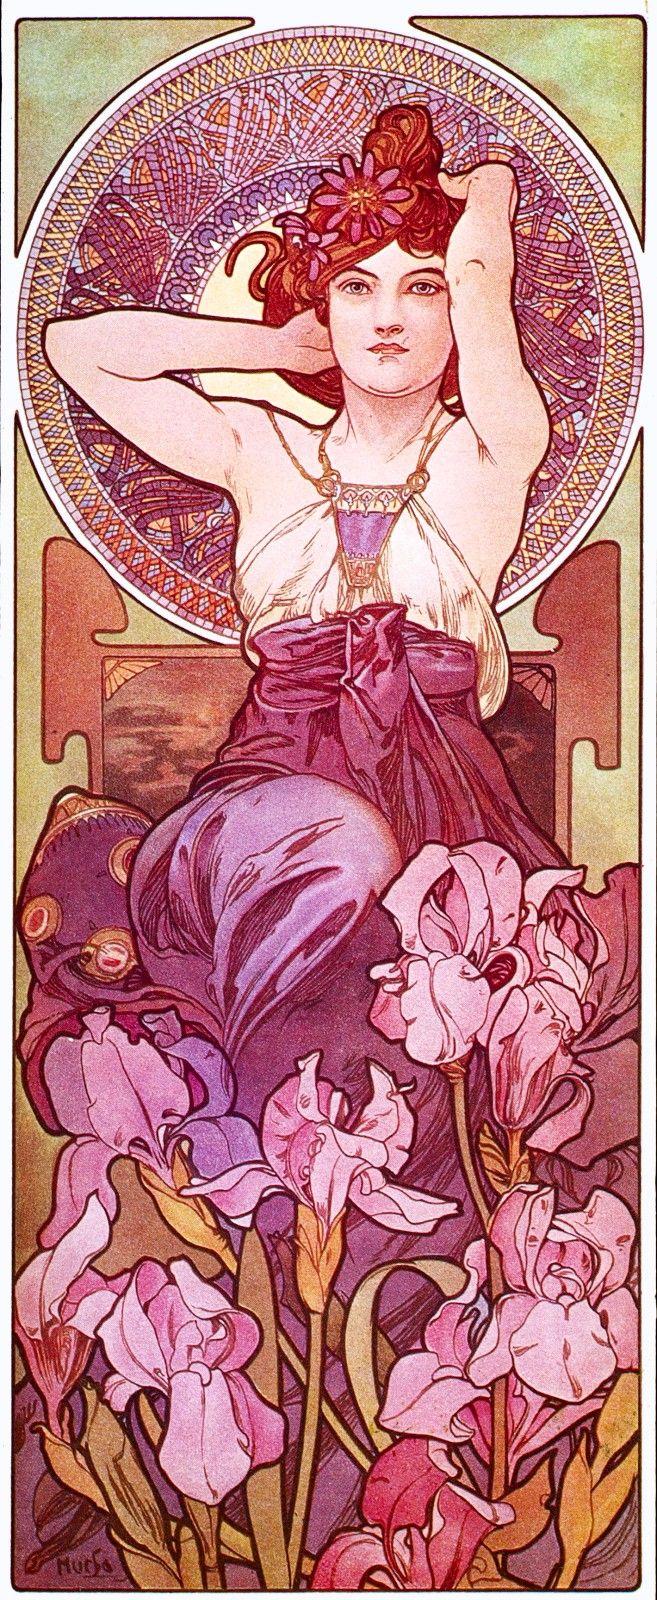 Art NouveauAlfons Mucha, Alphons Mucha, Amethysts, Precious Stones, Art Nouveau, Artnouveau, Alphonsemucha, Art Deco, Alphonse Mucha